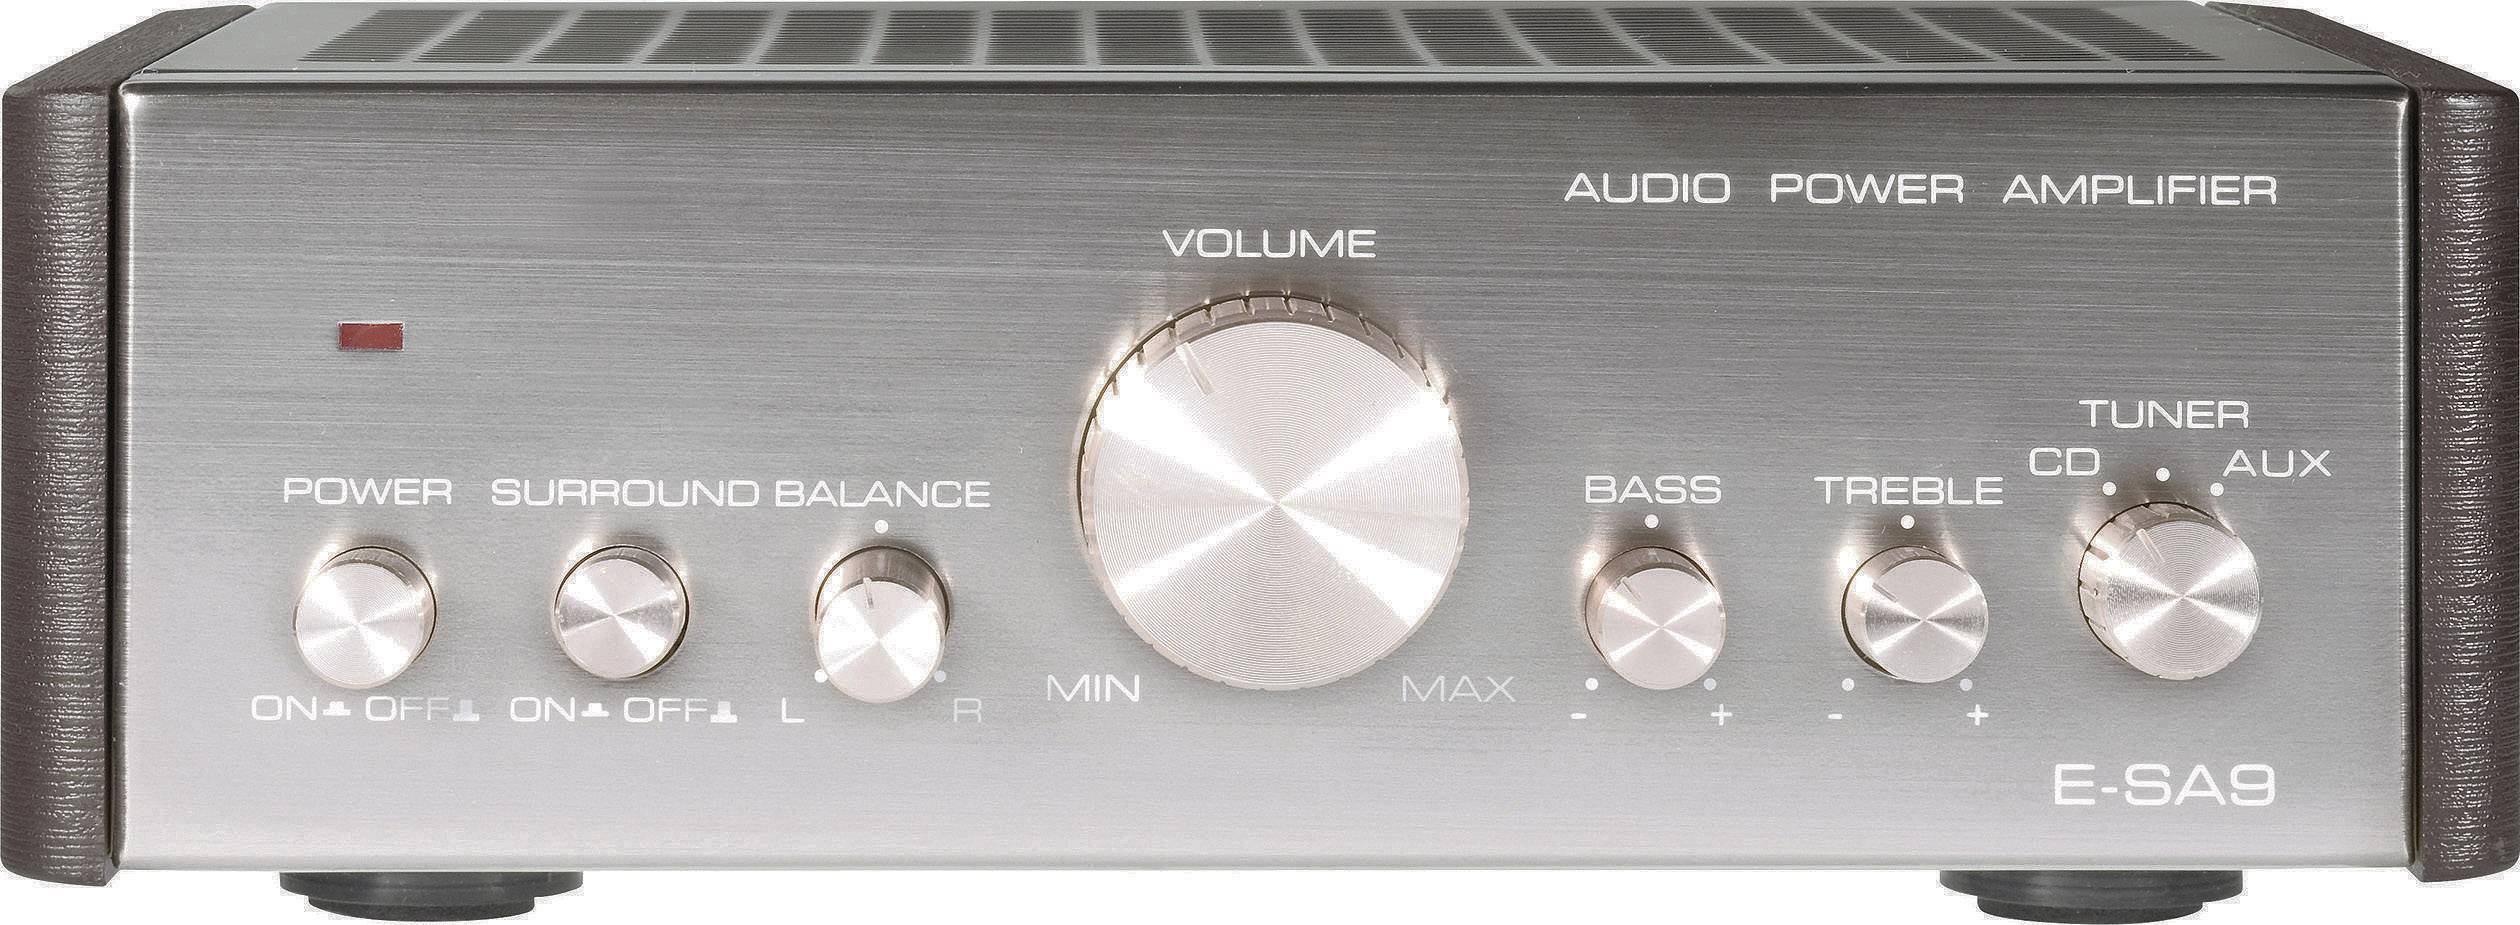 Stereo zosilňovač Renkforce E-SA9, 2 x 12 W, strieborná (metalíza), tmavohnedá